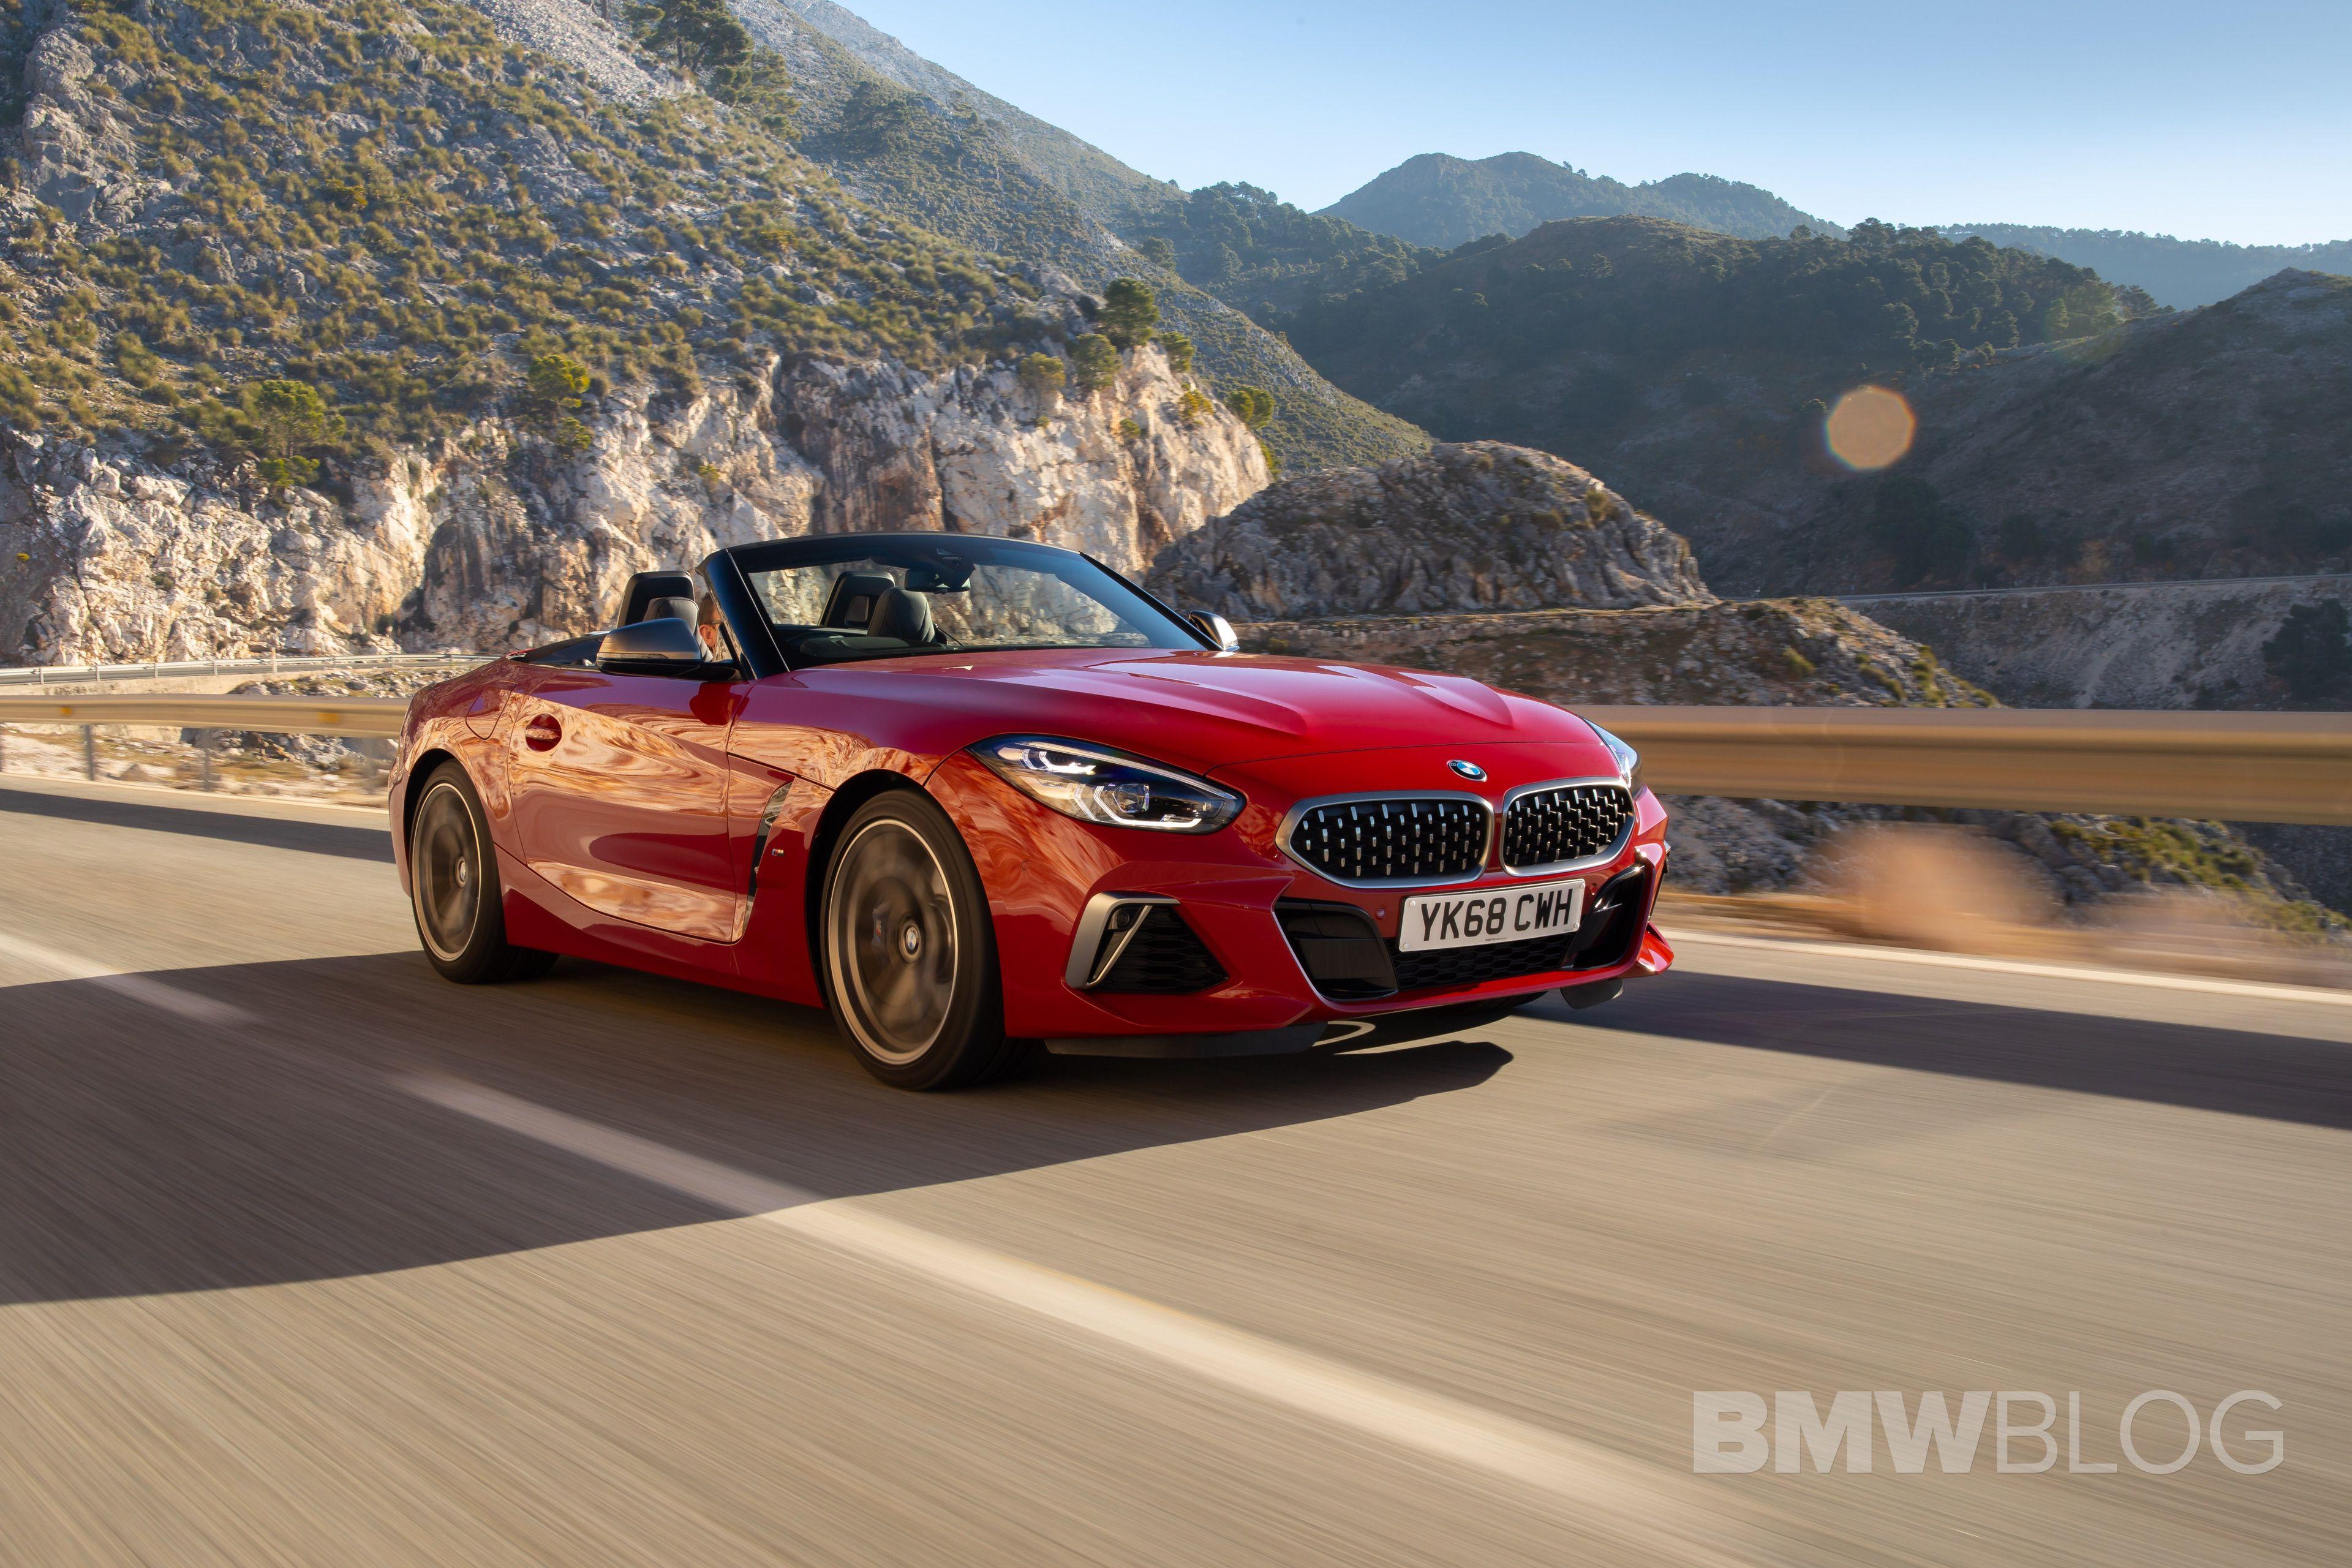 BMW Z4 M40i San Francisco Red 23